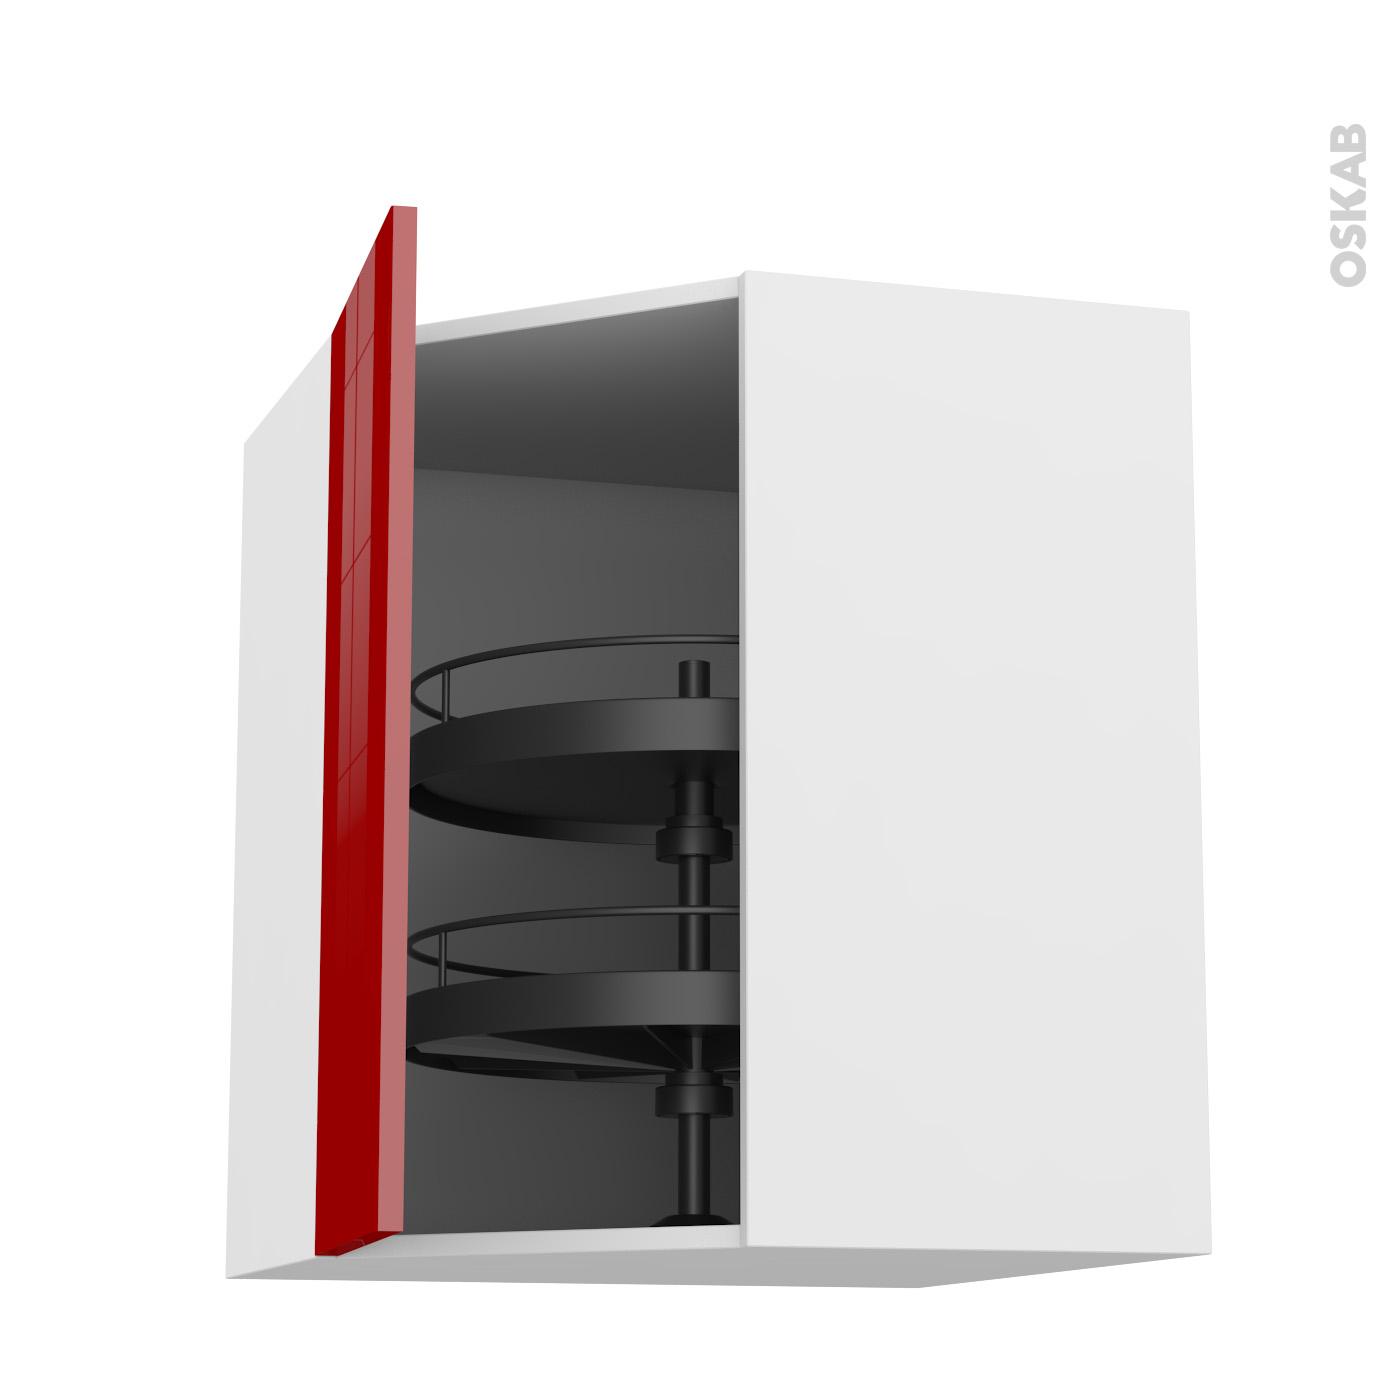 meuble de cuisine angle haut stecia rouge tourniquet porte n l cm l x h x p cm oskab with. Black Bedroom Furniture Sets. Home Design Ideas